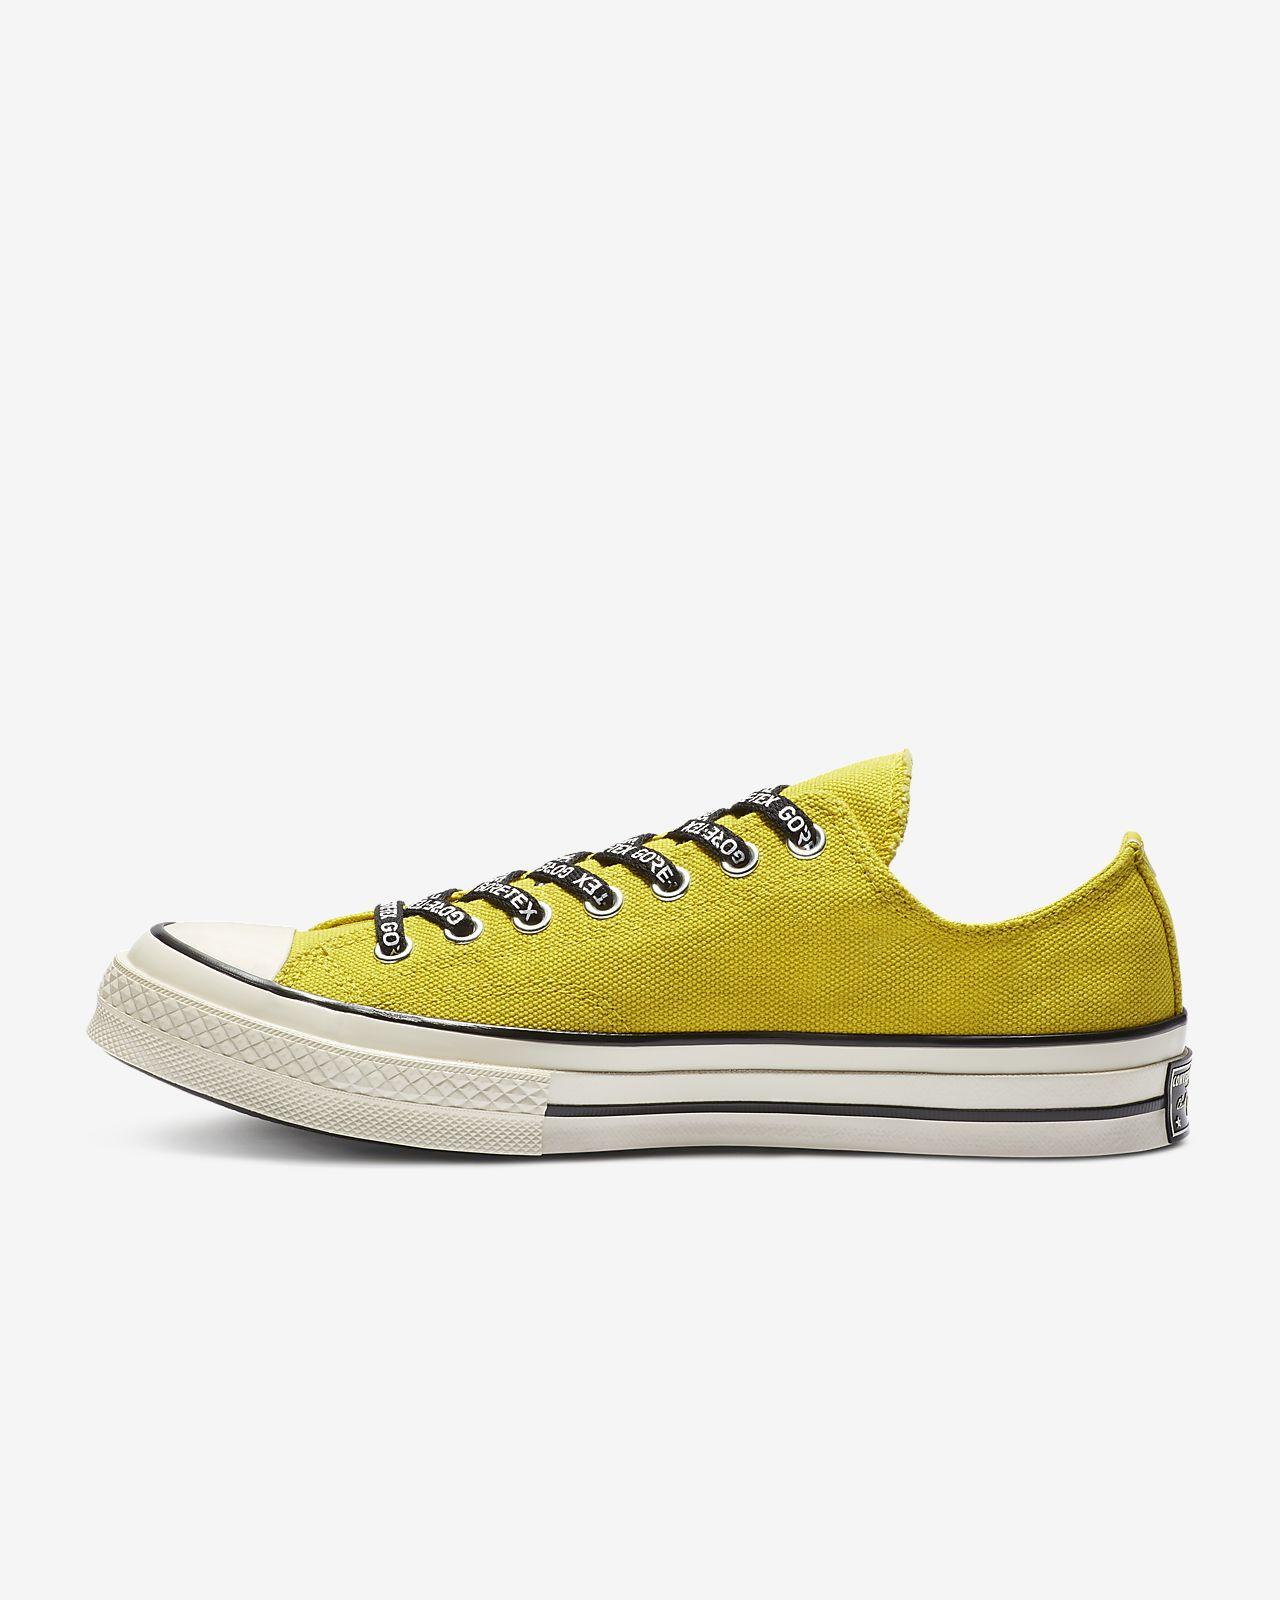 Converse Chuck 70 GORE-TEX Canvas Low Top Unisex Shoe